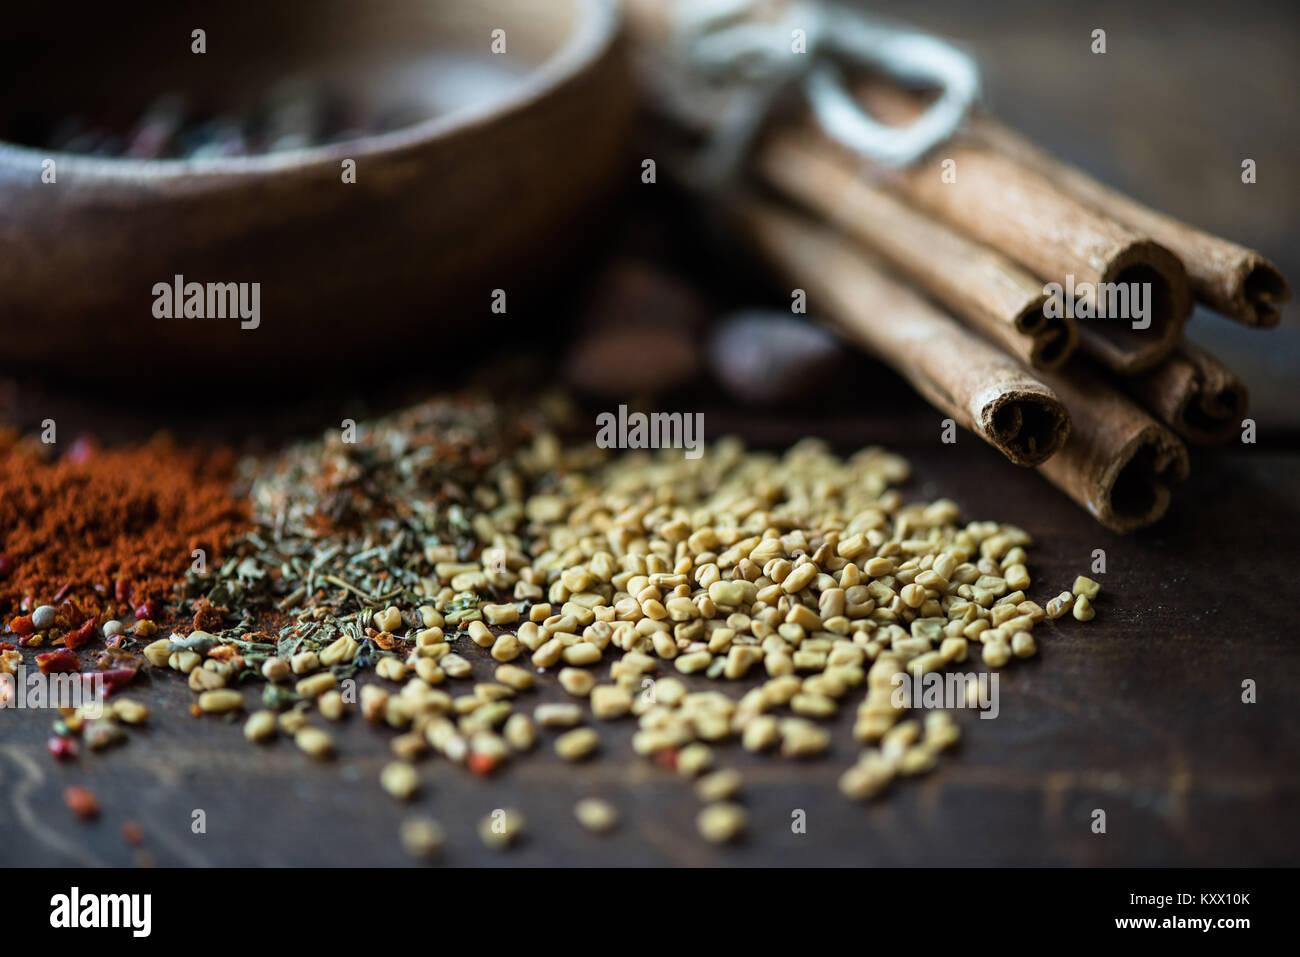 Nahaufnahme der verstreut Sesamsamen und Kräuter mit Zimt auf hölzernen Tischplatte Stockbild